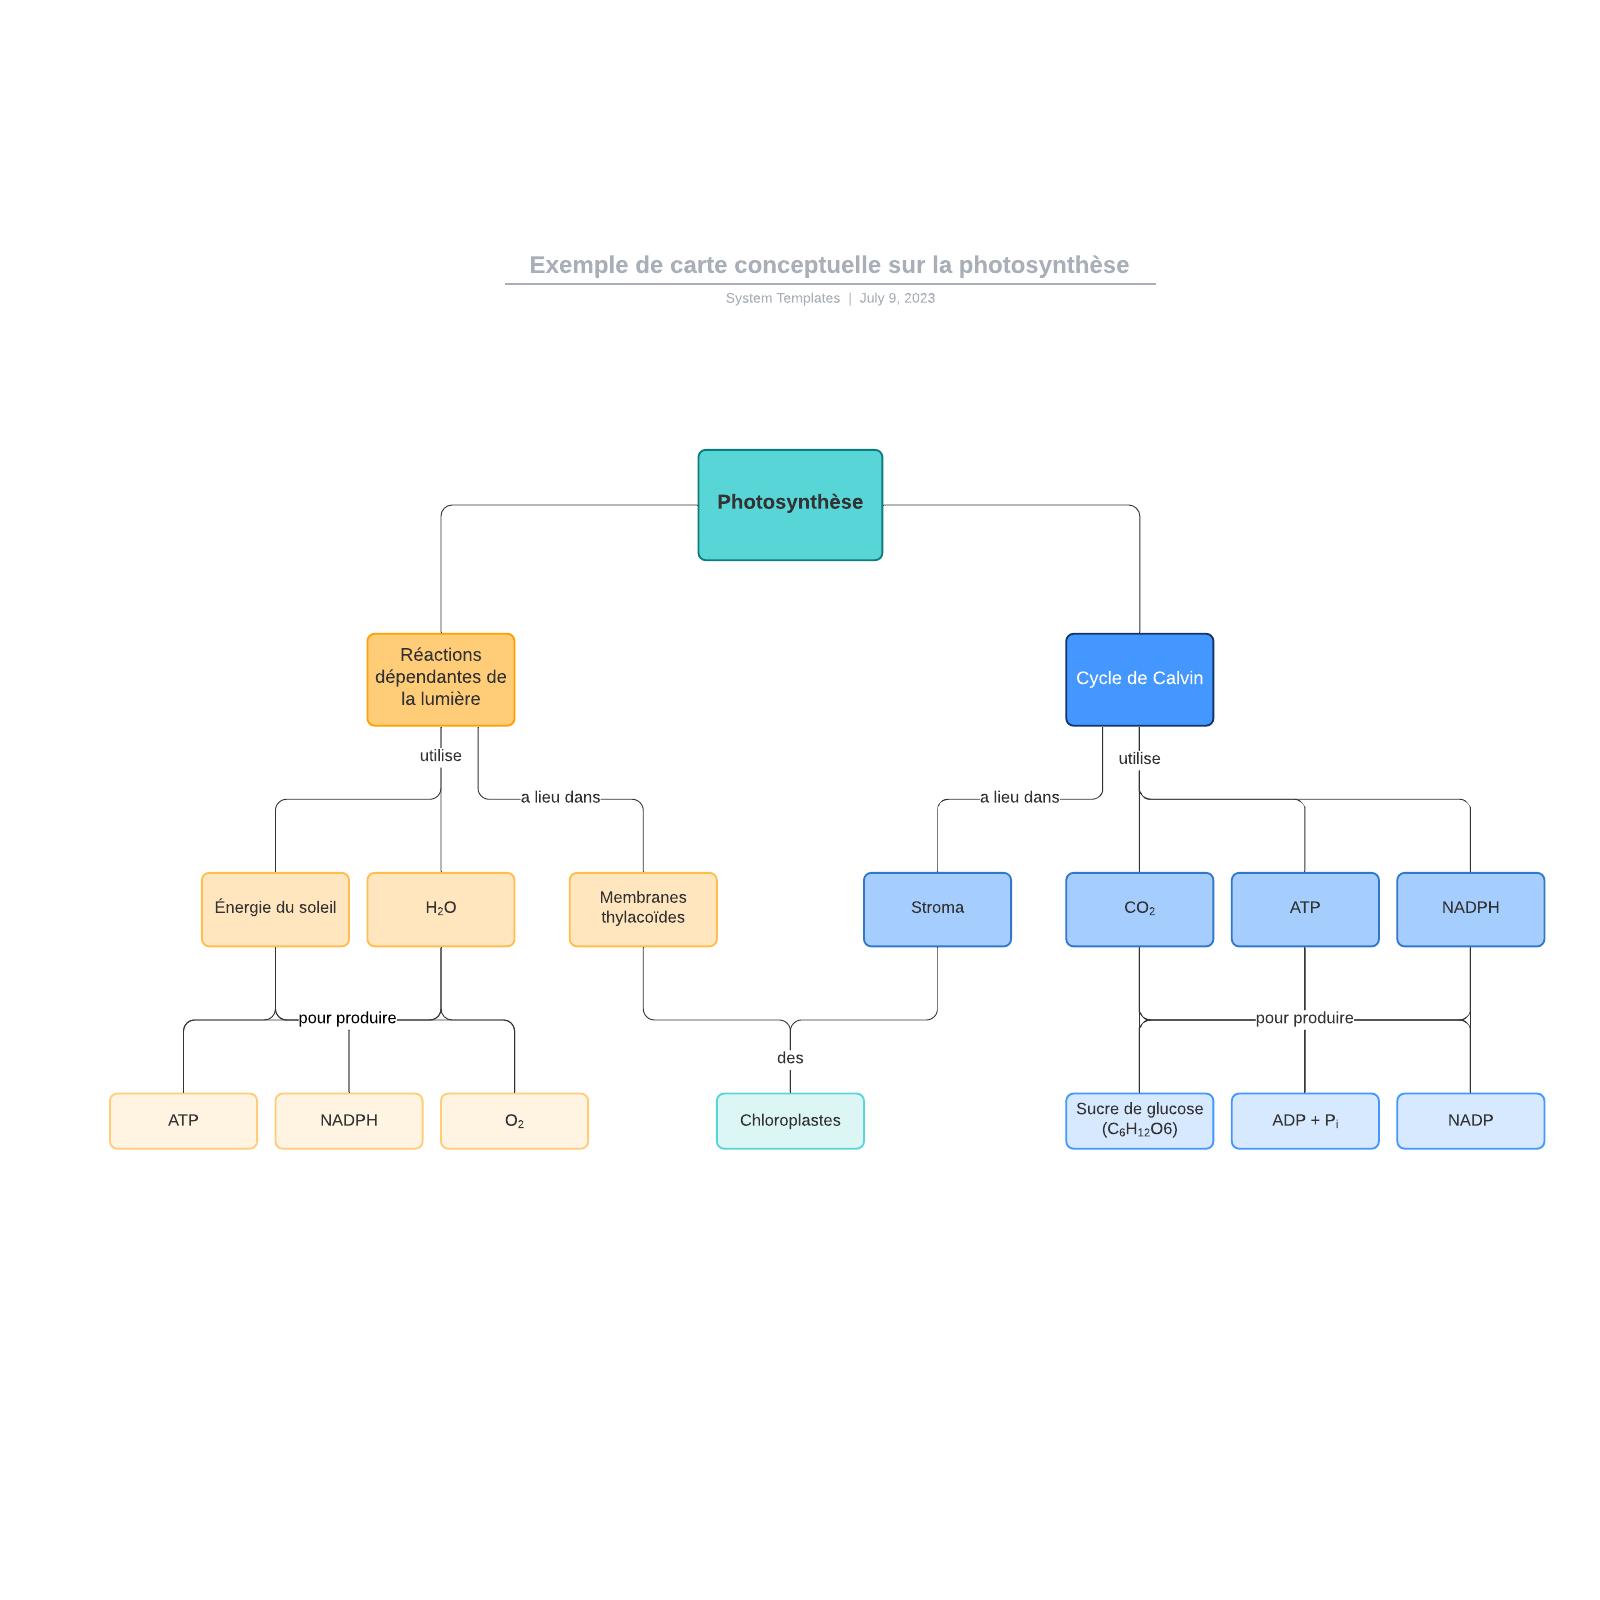 exemple de carte conceptuelle sur la photosynthèse